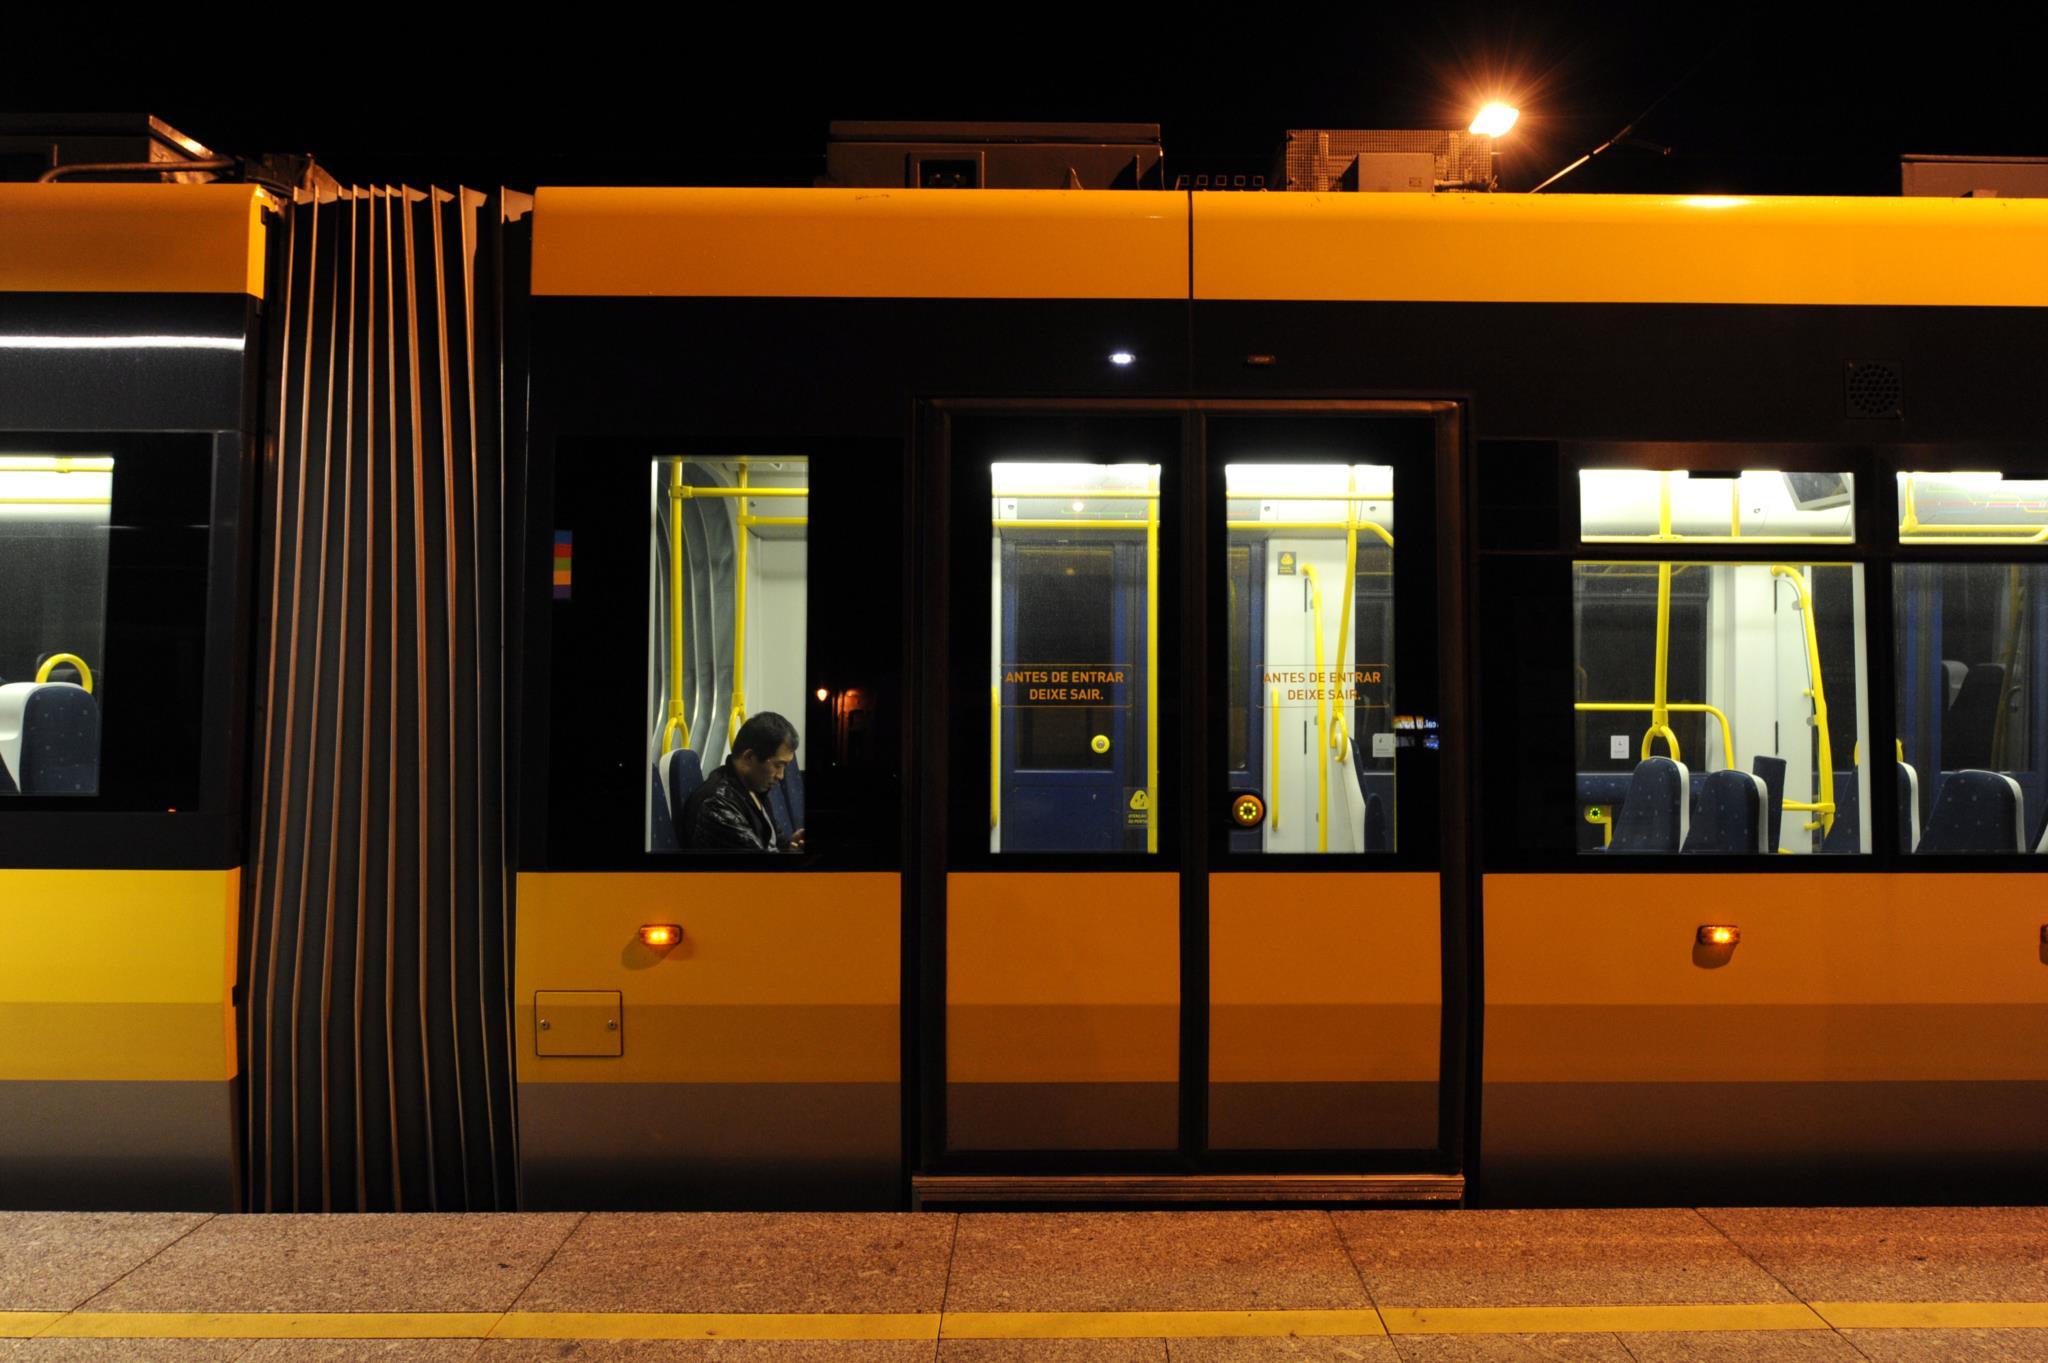 """PÚBLICO - Metro do Porto adjudica construção da estação junto ao <i>outlet</i> """"Nassica"""""""